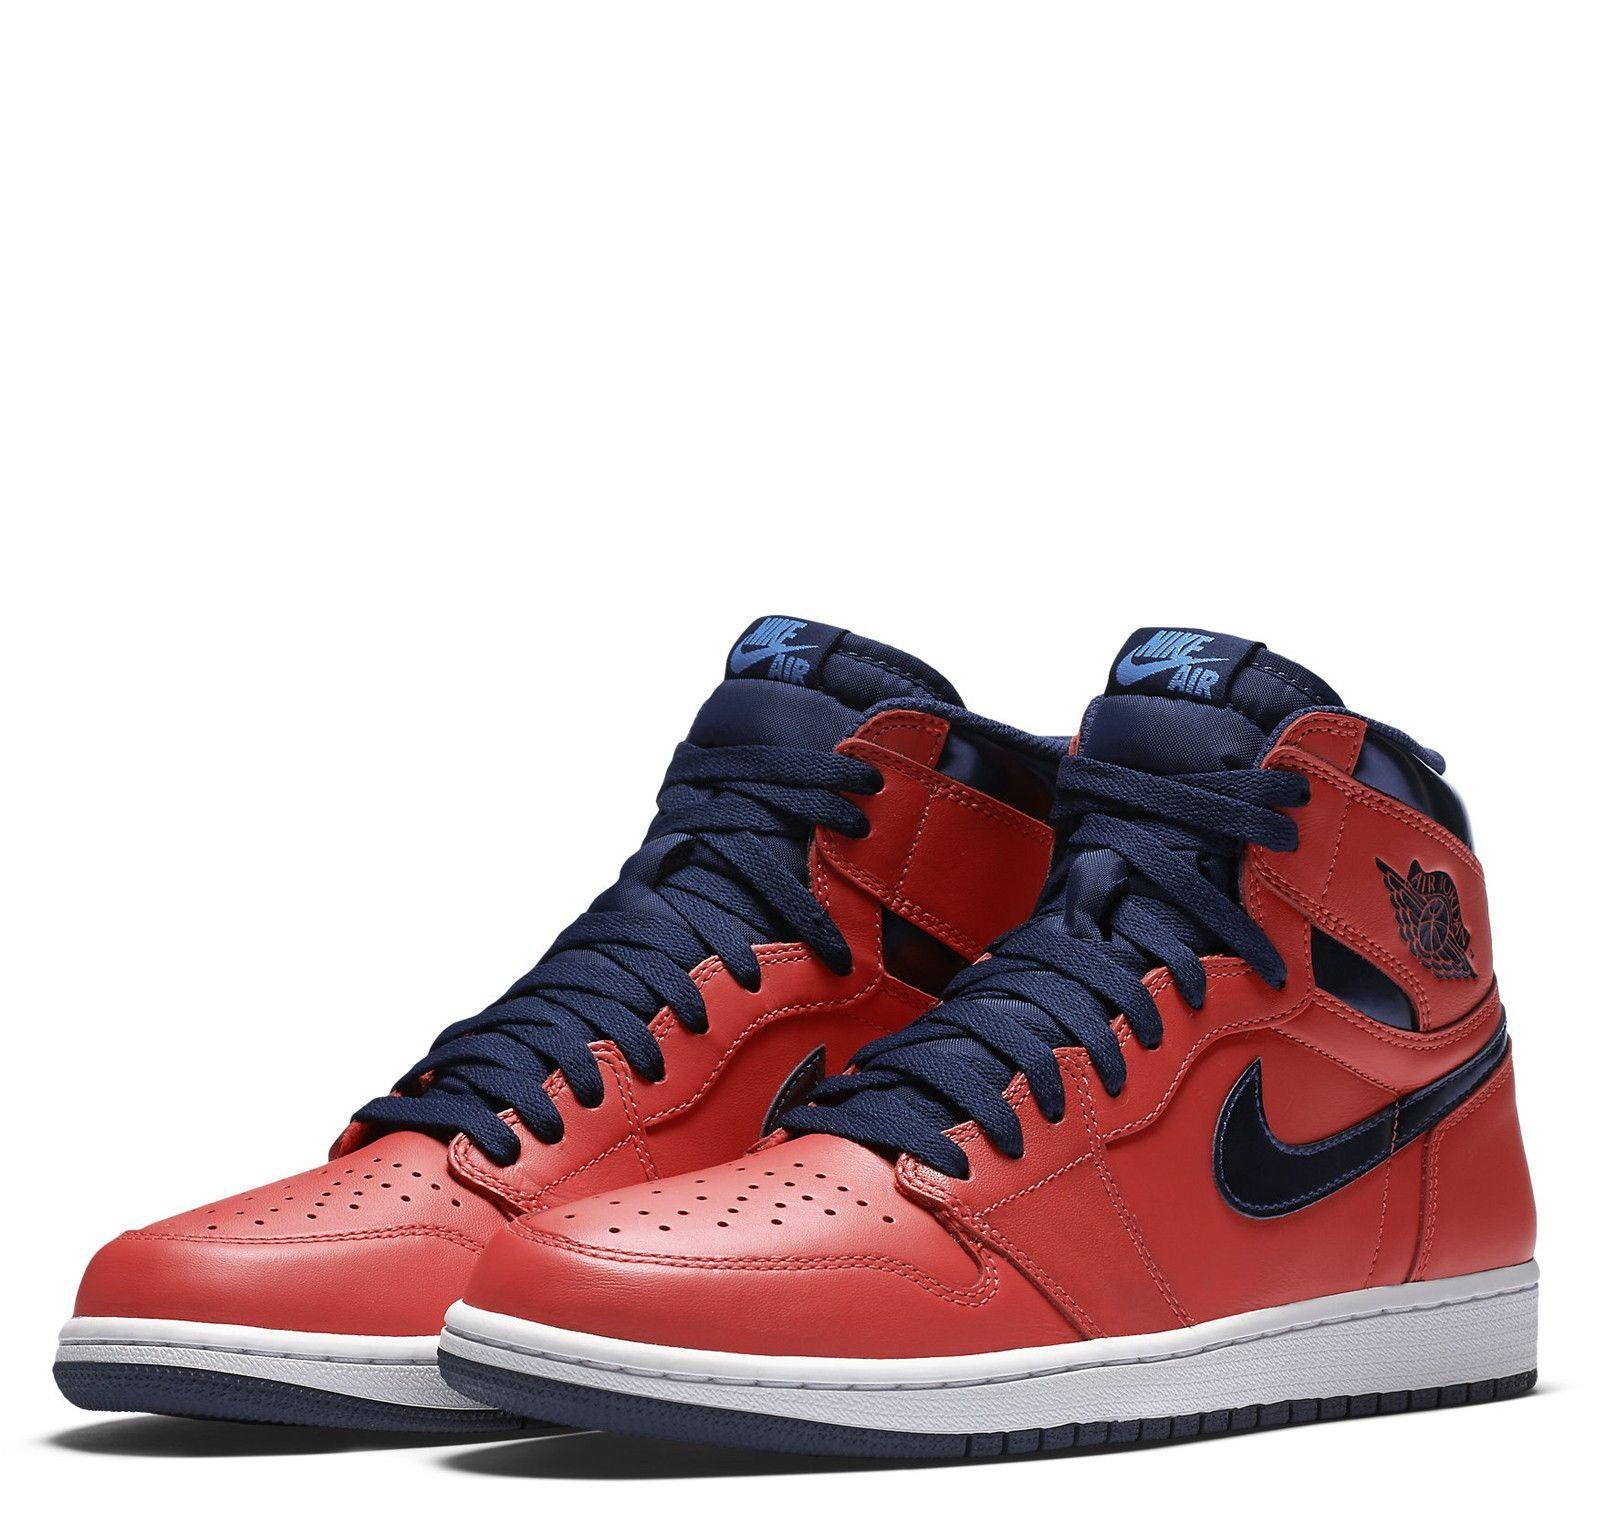 df698f261d86 Air Jordan Retro High OG-Letterman Light Crimson Midnight Navy University  Blue White